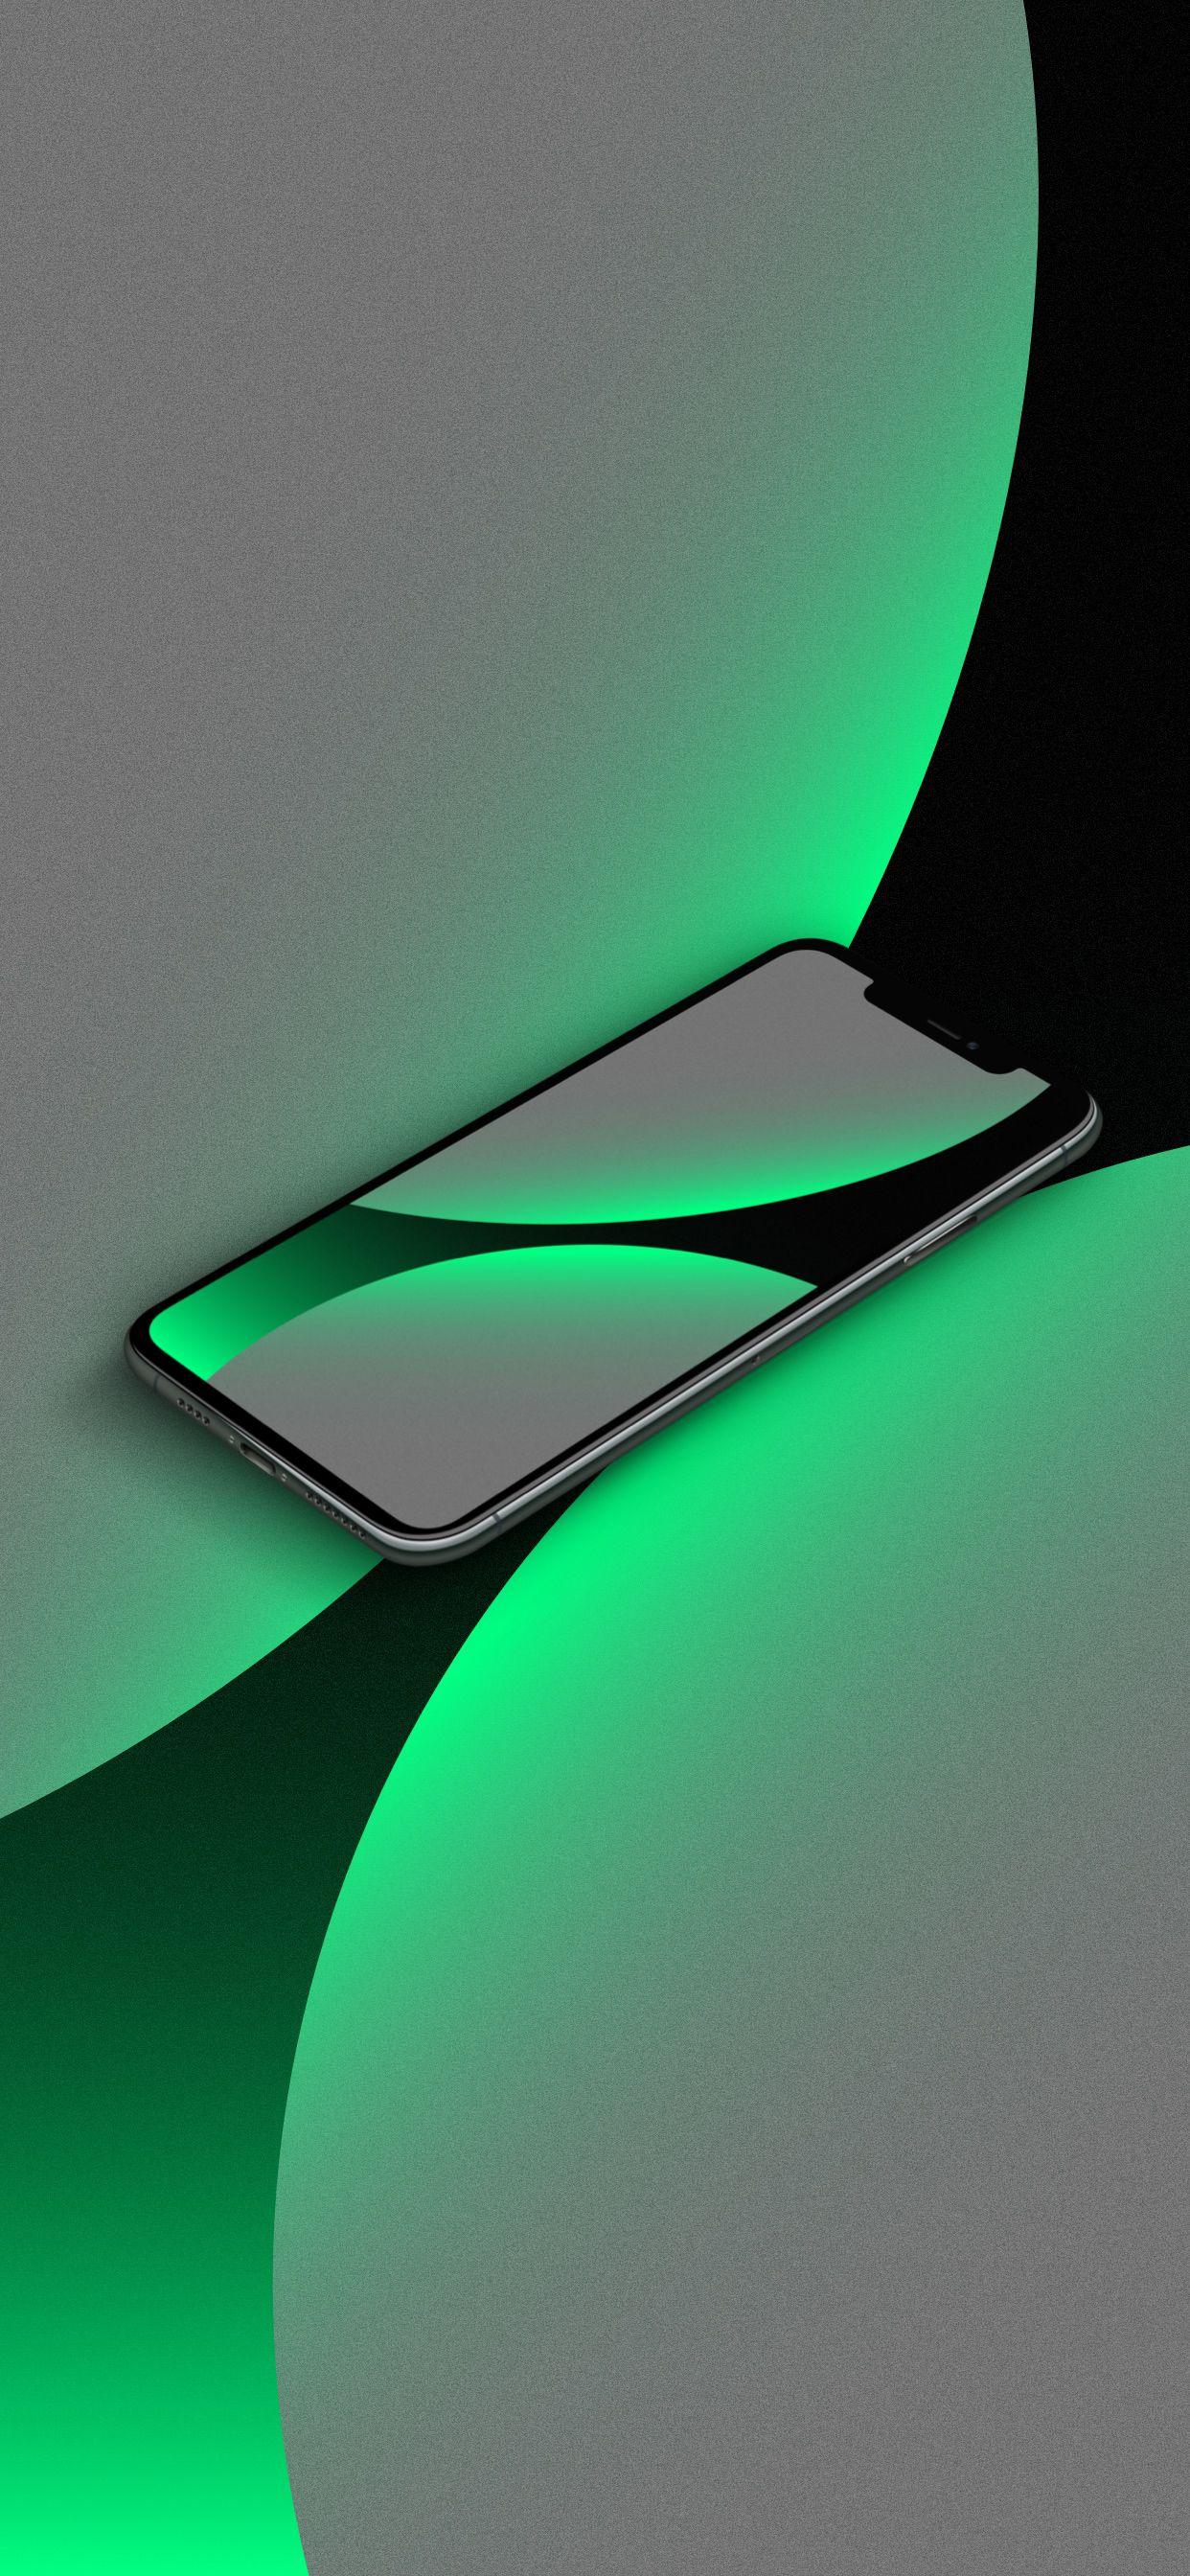 Download Special Wallpapers Pack On Our Website En 2020 Smartphone Ecran Iphone Fond Ecran